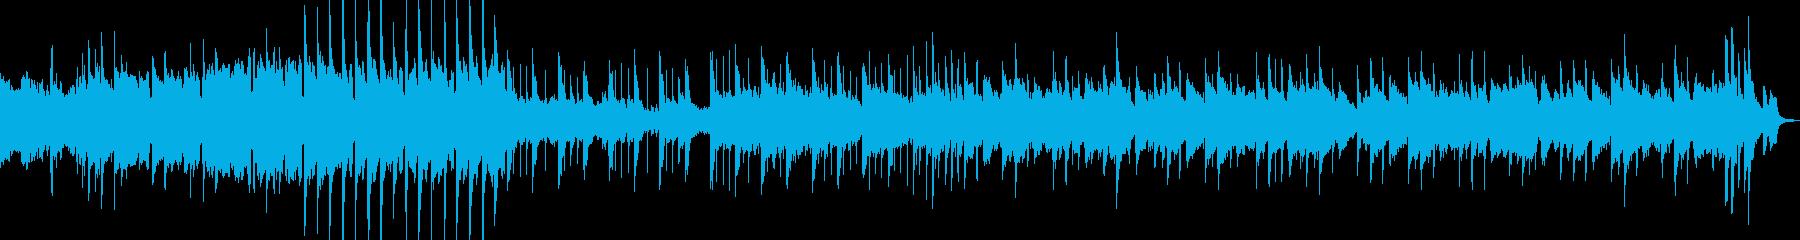 流れるようなシンセのフュージョンの再生済みの波形